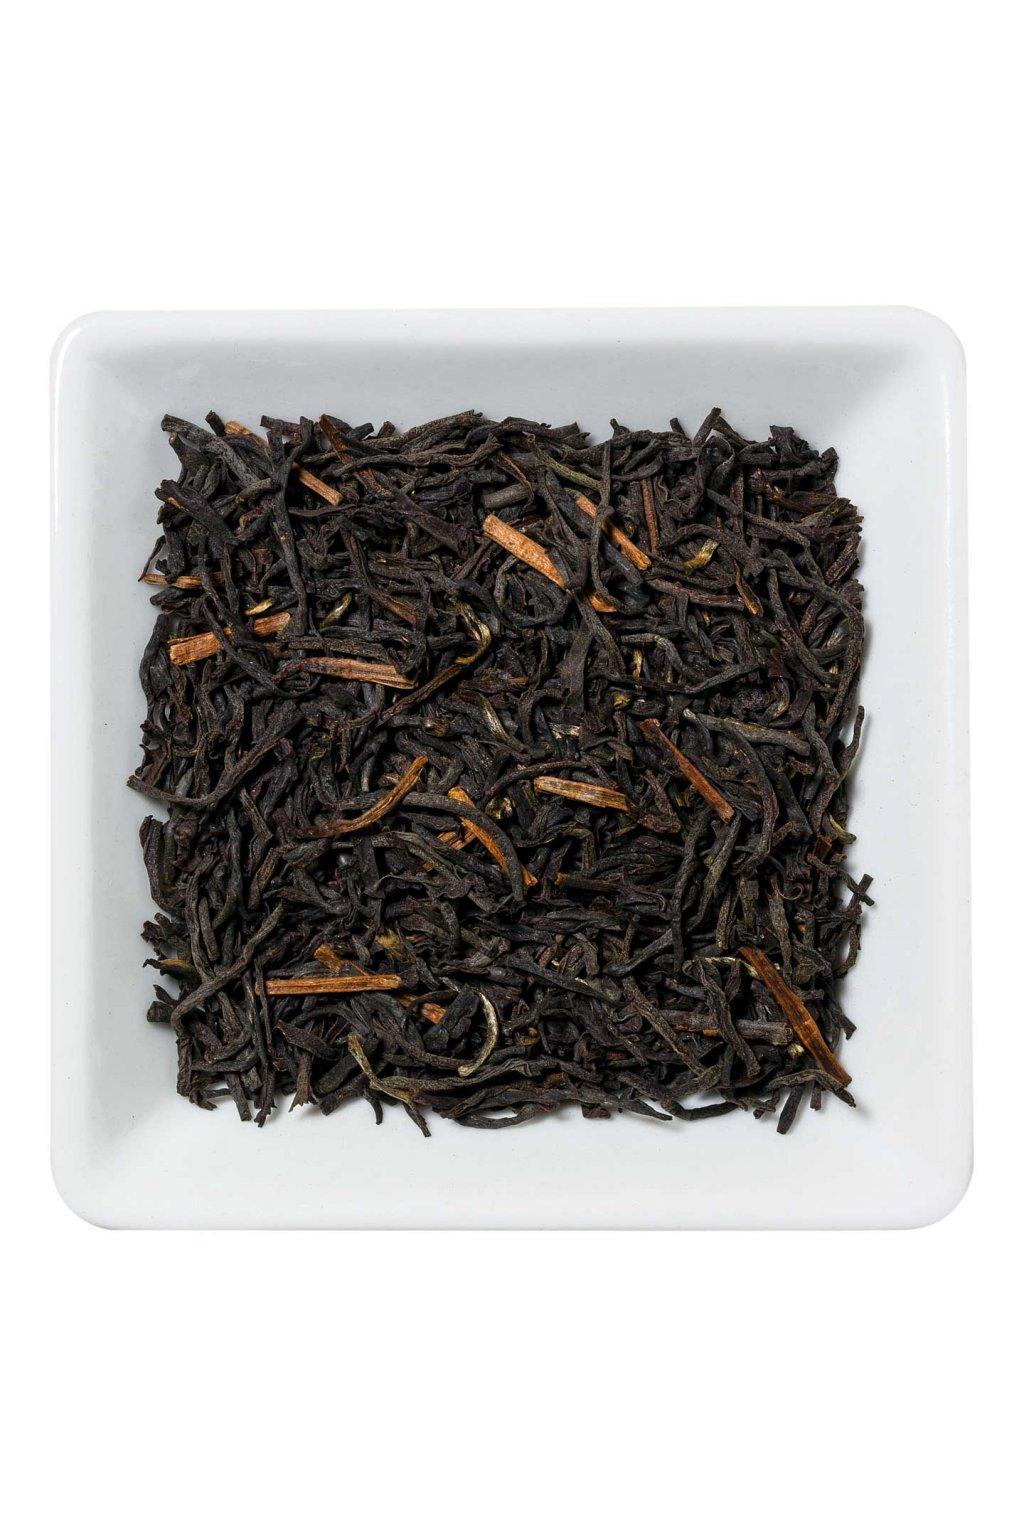 00403 Rwanda OP Rukeri Organic Tea